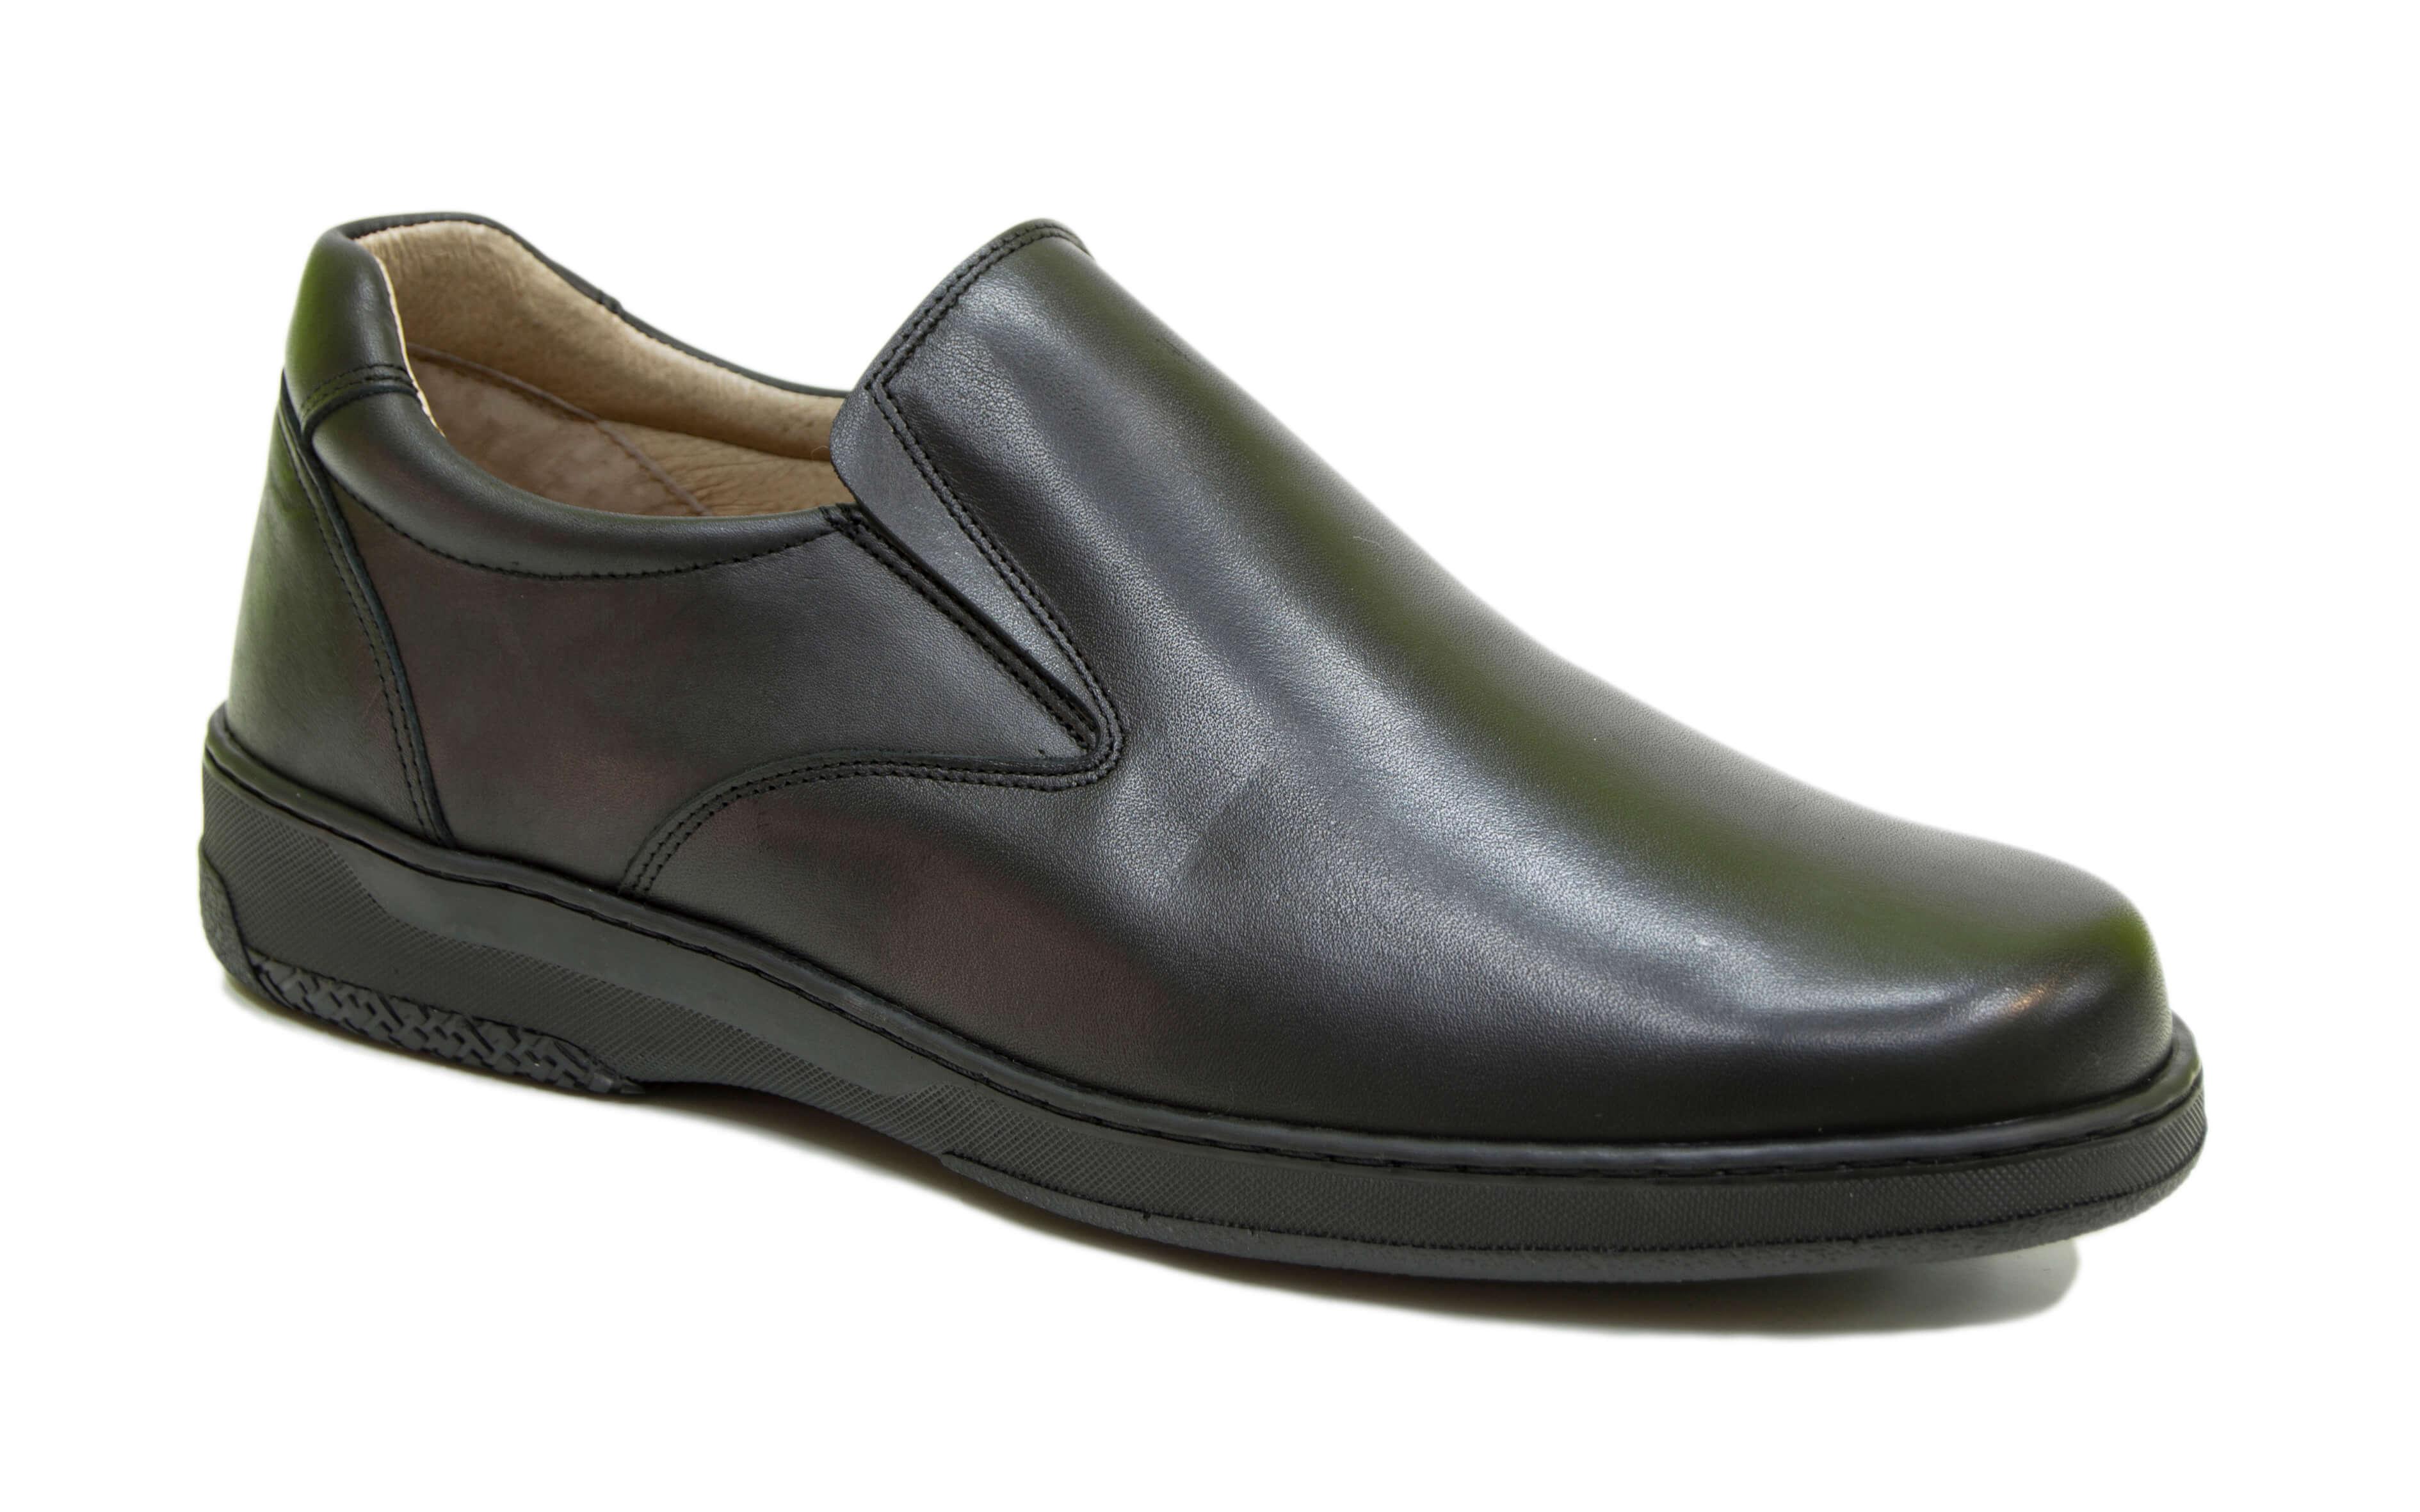 Zapatos cómodos de hombre 6985